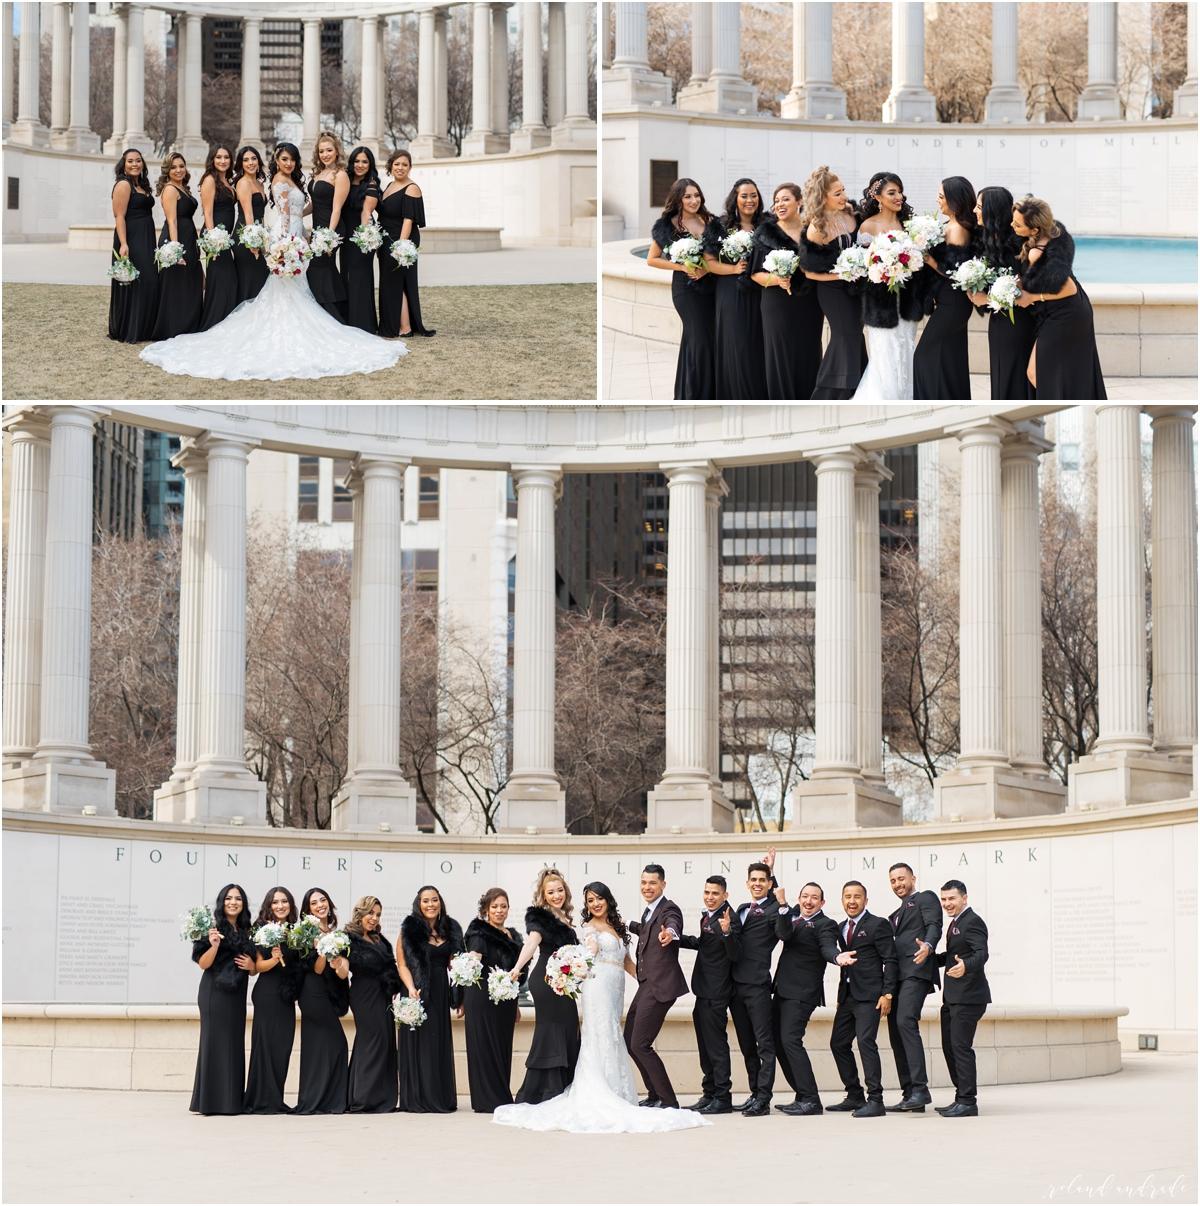 Chateau Busche Wedding in Alsip, Chateau Busche Wedding Photographer, Alsip Wedding Photography Millenium Park First Look, Trump Tower Wedding_0029.jpg